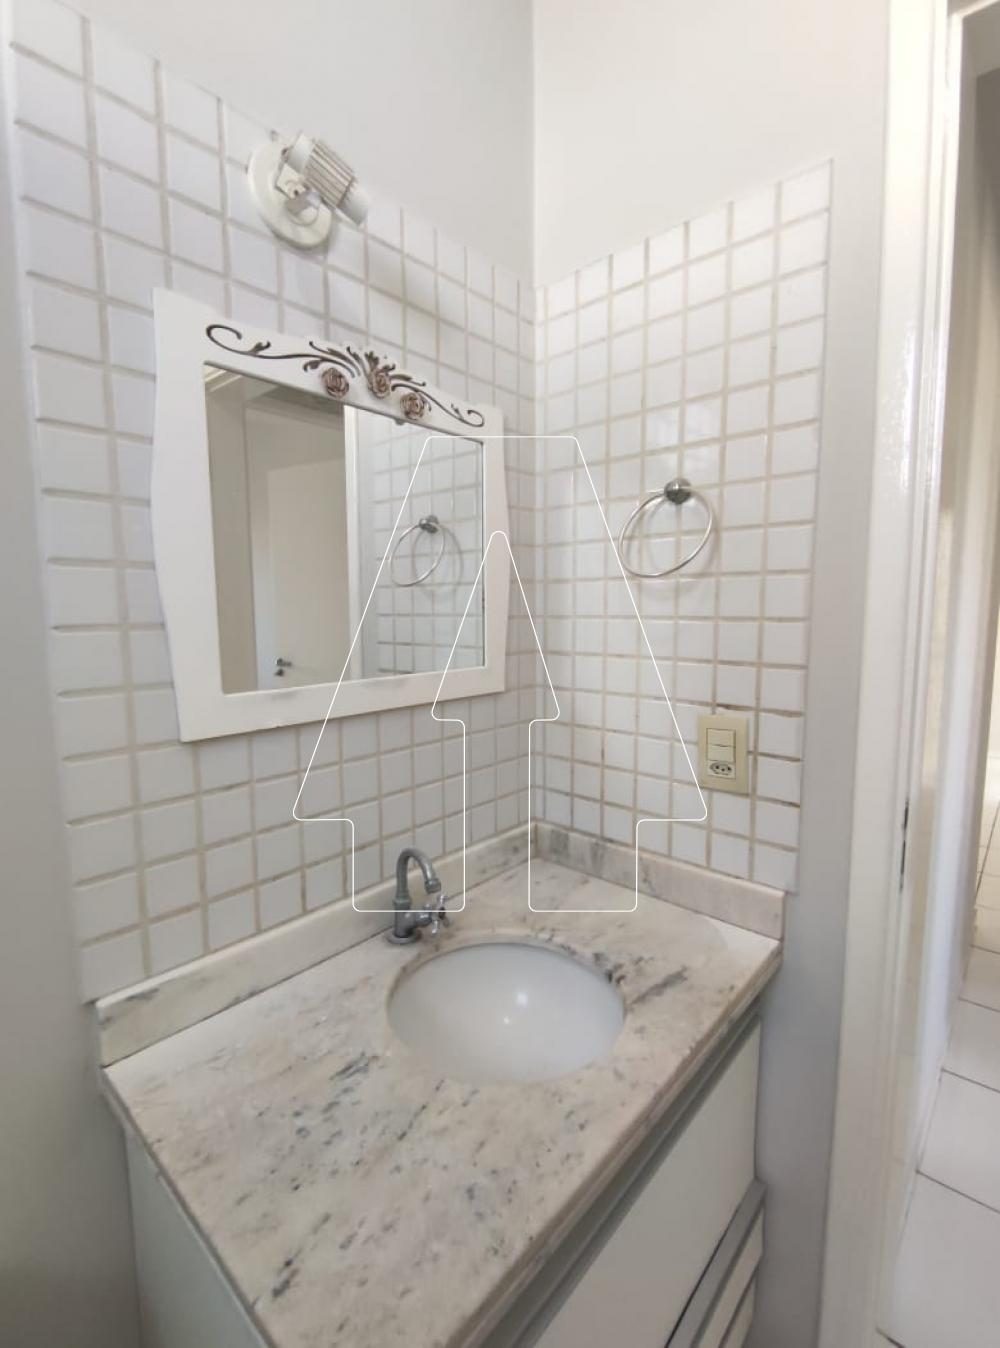 Comprar Apartamento / Padrão em Araçatuba R$ 180.000,00 - Foto 8